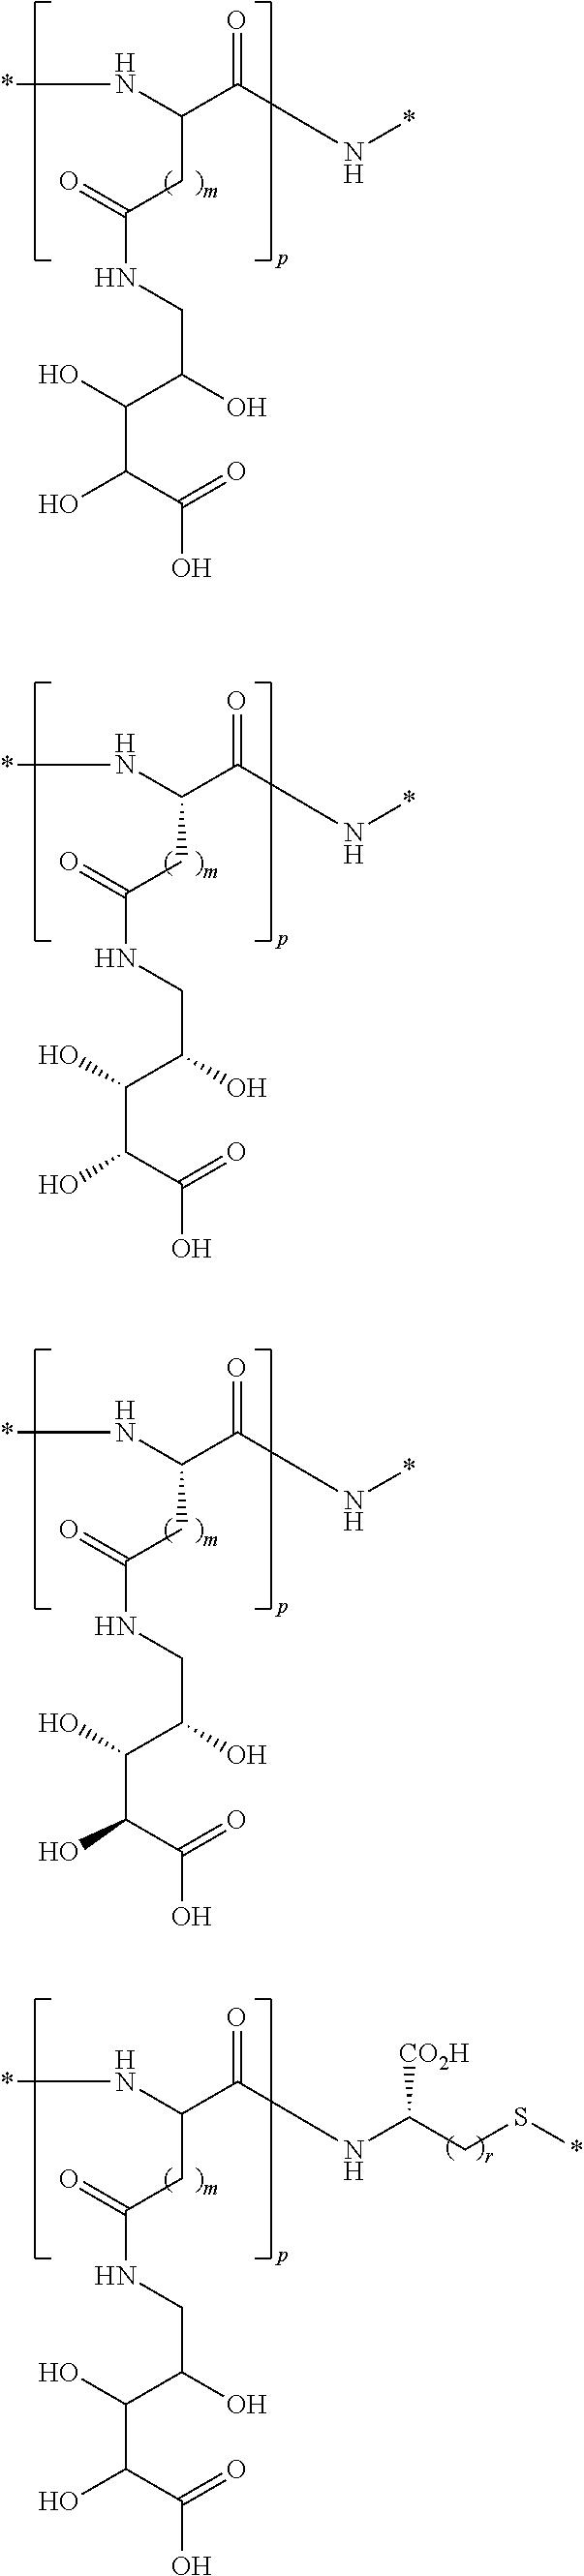 Figure US09662402-20170530-C00058